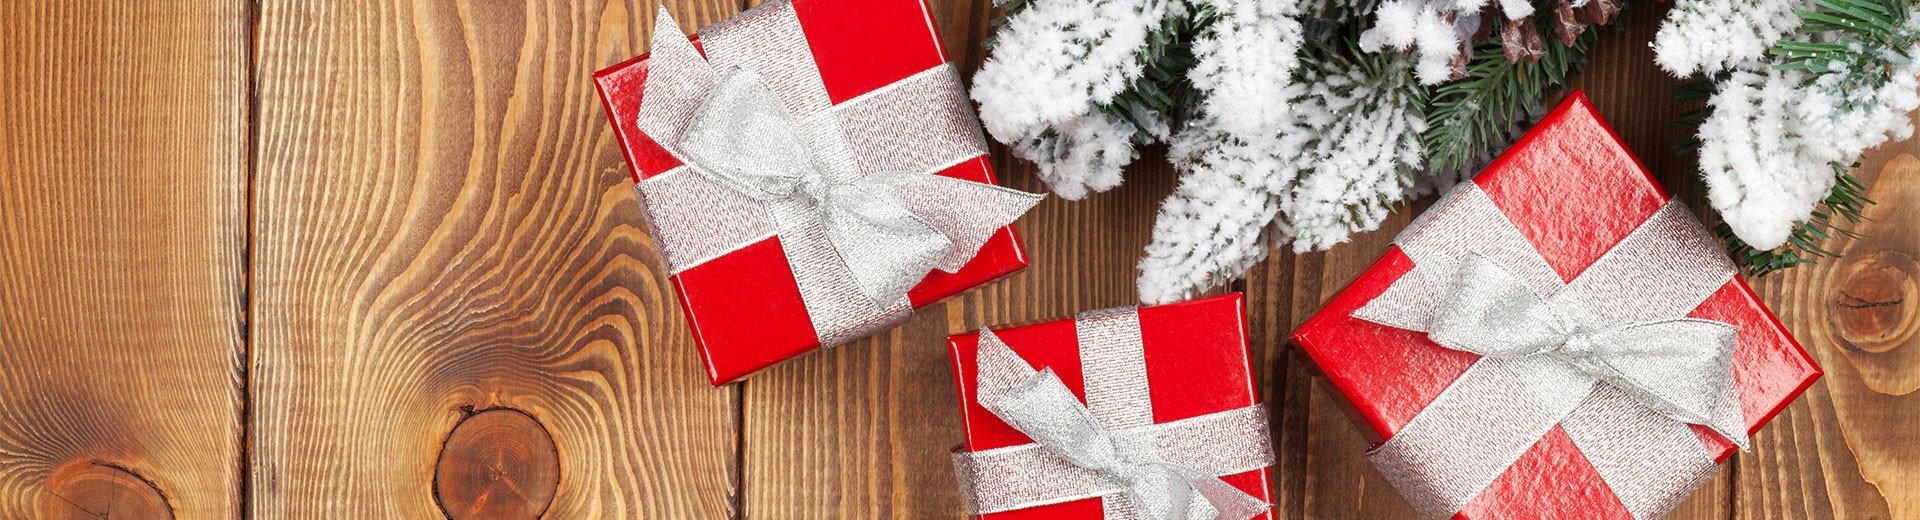 Okładka artykułu Świąteczne prezenty dla grafika — Boże Narodzenie 2014